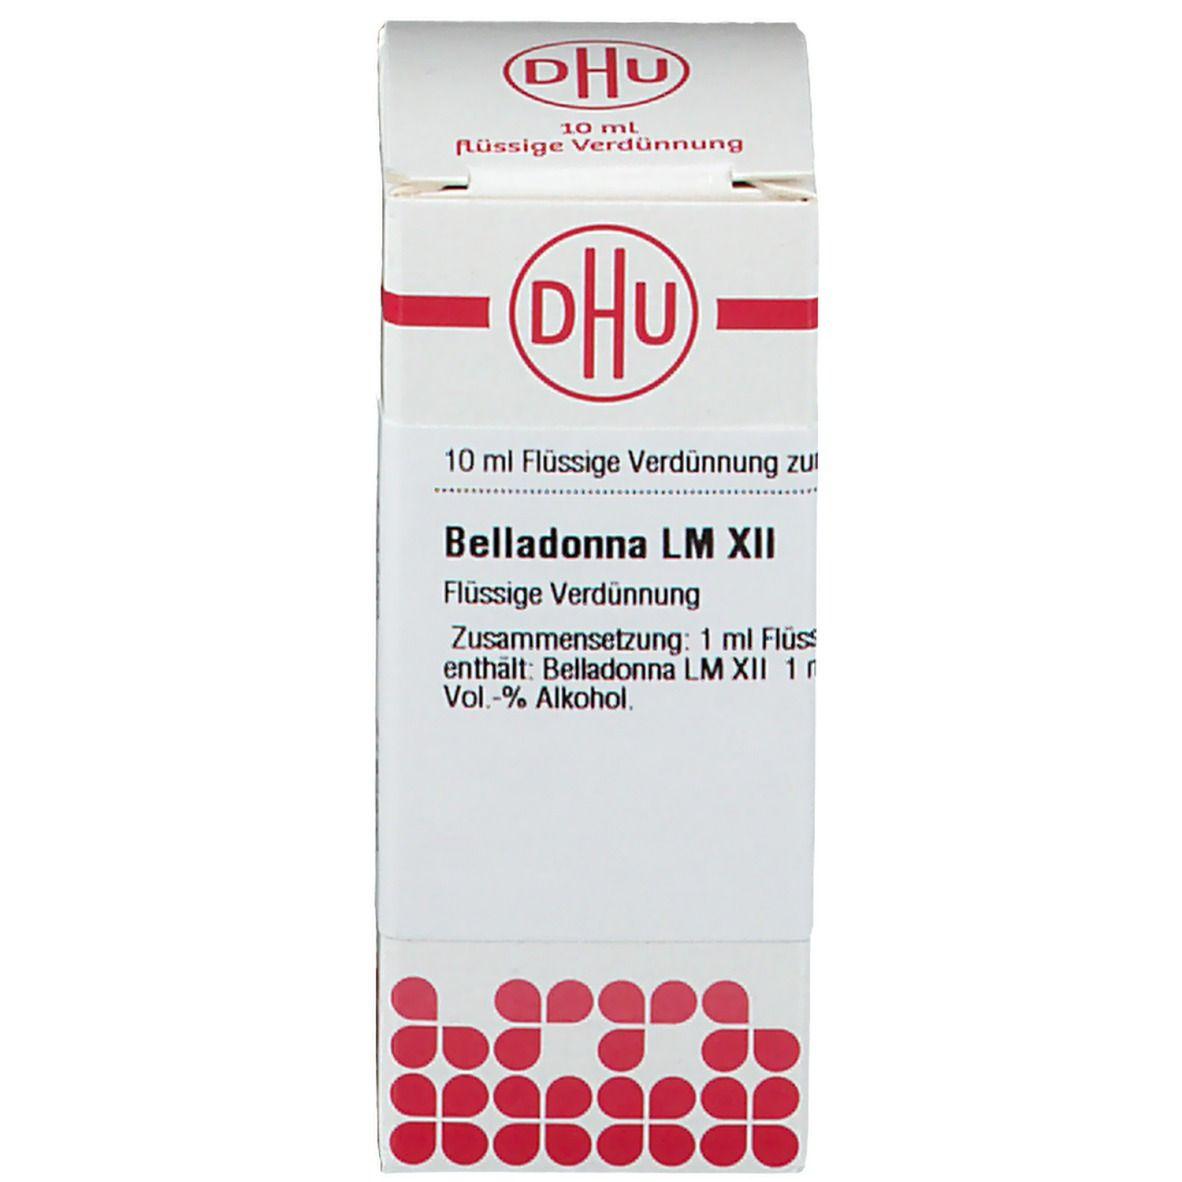 DHU Belladonna LM XII